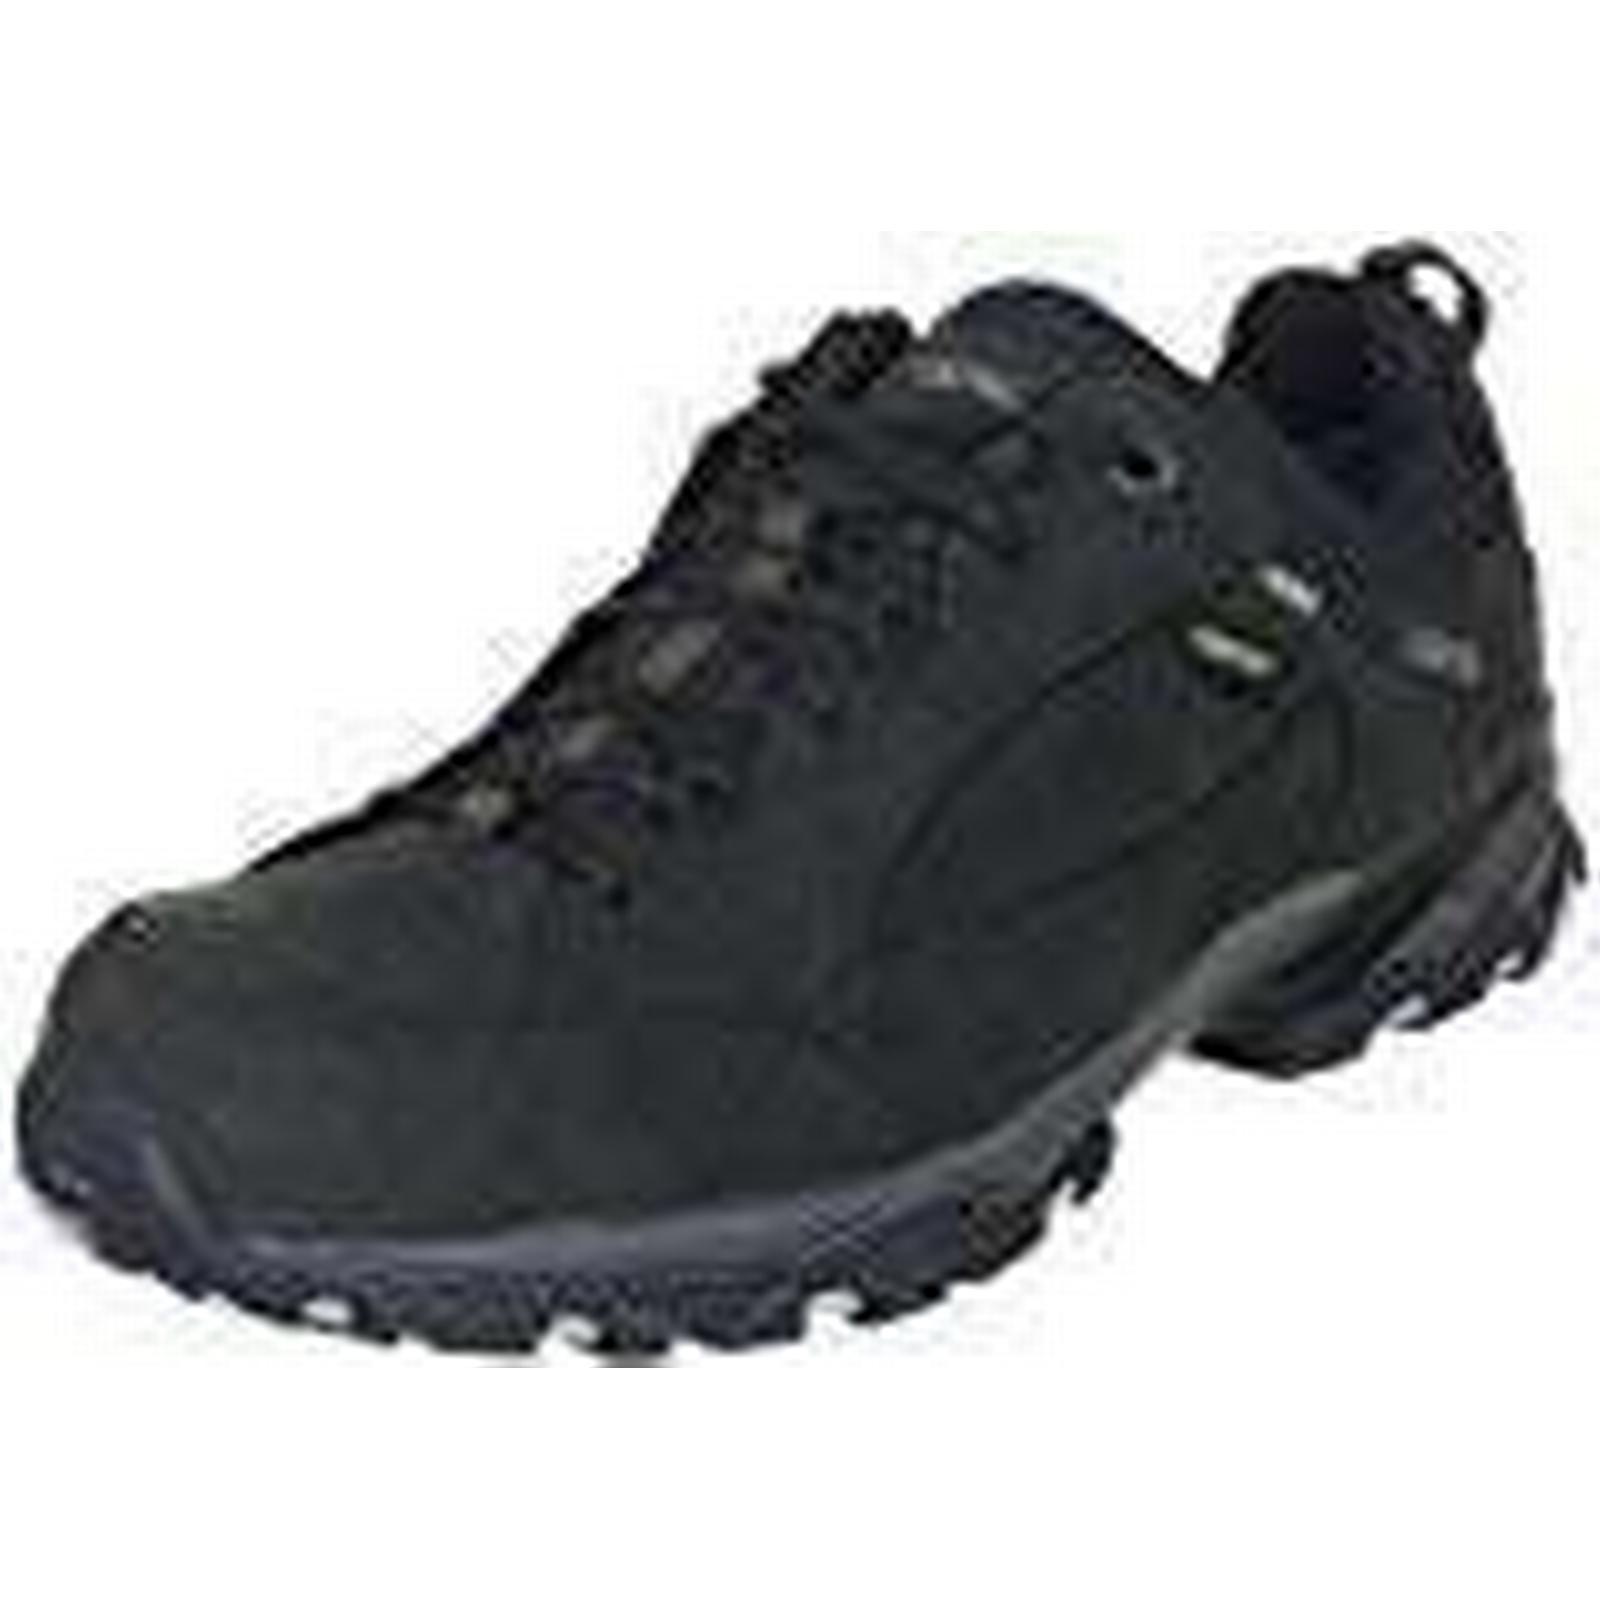 Meindl 3444-01/46 Men's shoes 01), Toledo GTX, Black (Schwarz 01), shoes 6.5 ae1cea